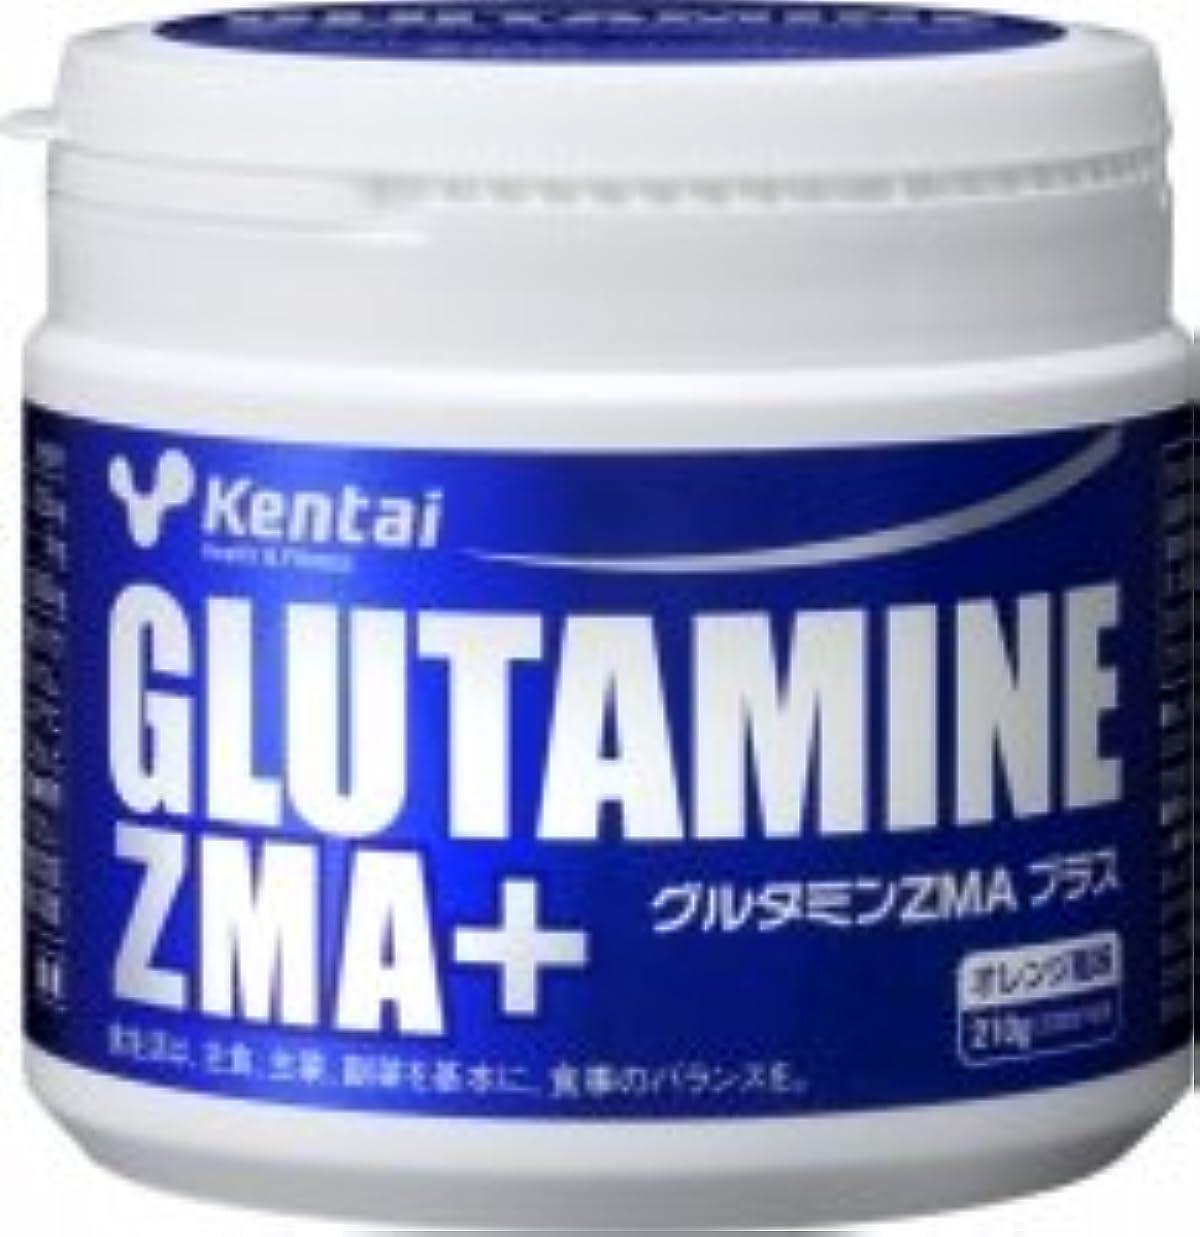 忠誠巡礼者阻害する【健康体力研究所 (Kentai)】 グルタミンZMAプラス 210g